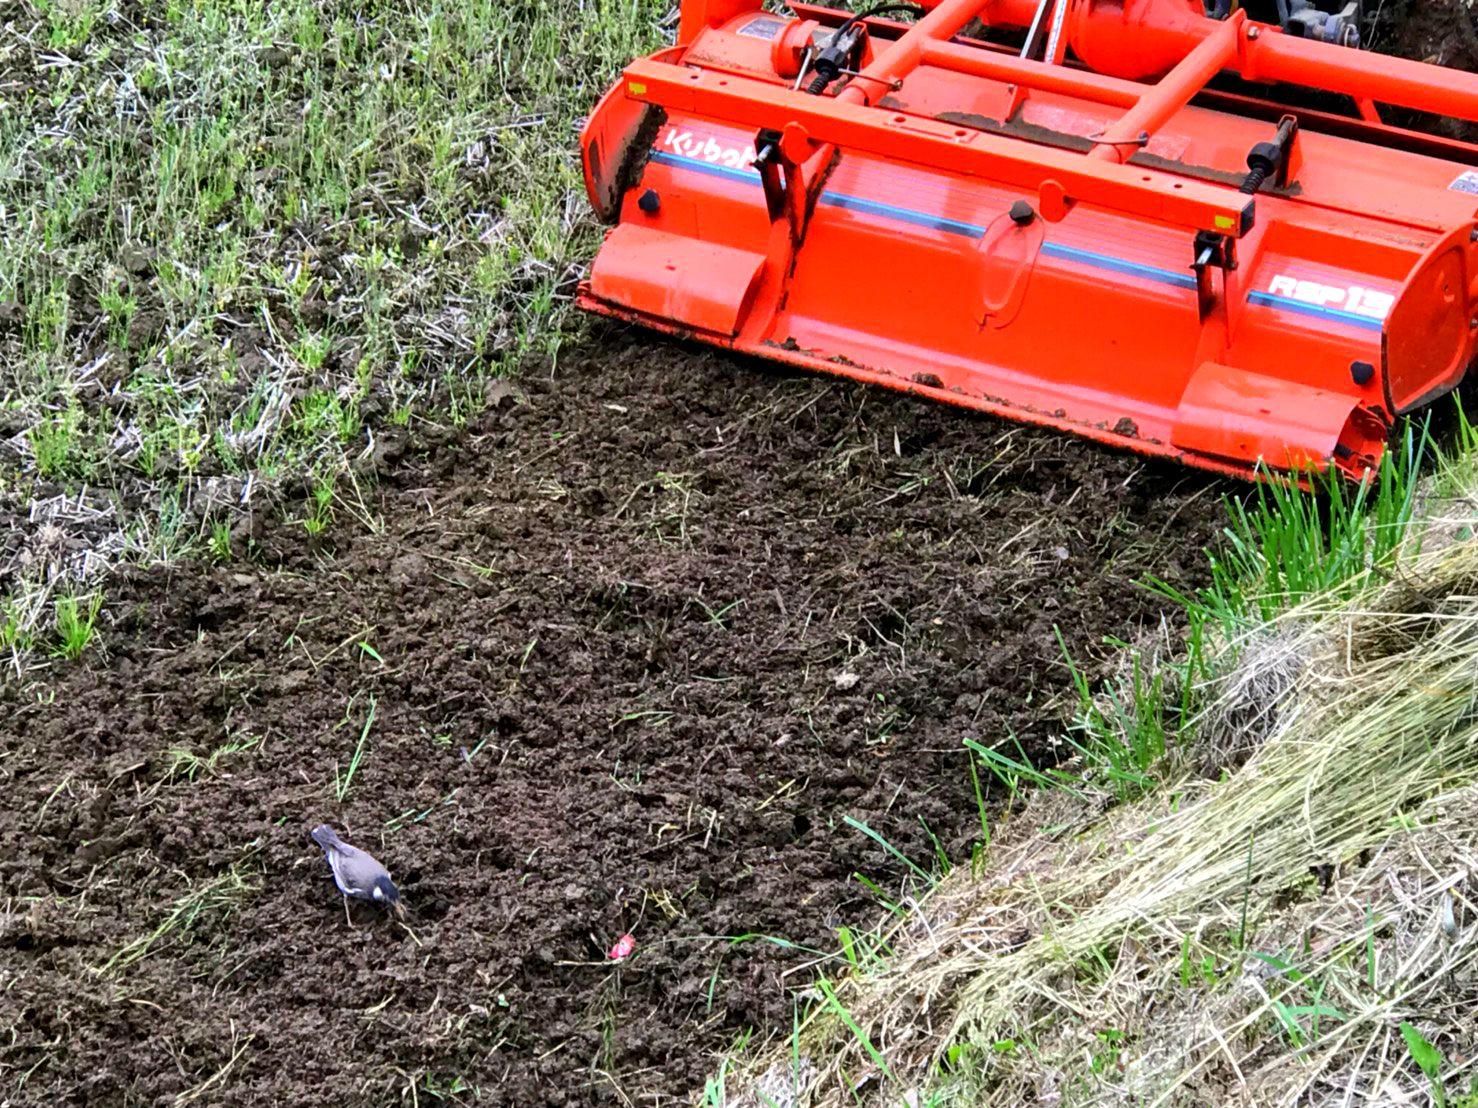 在稻田裡玩耍的小鳥